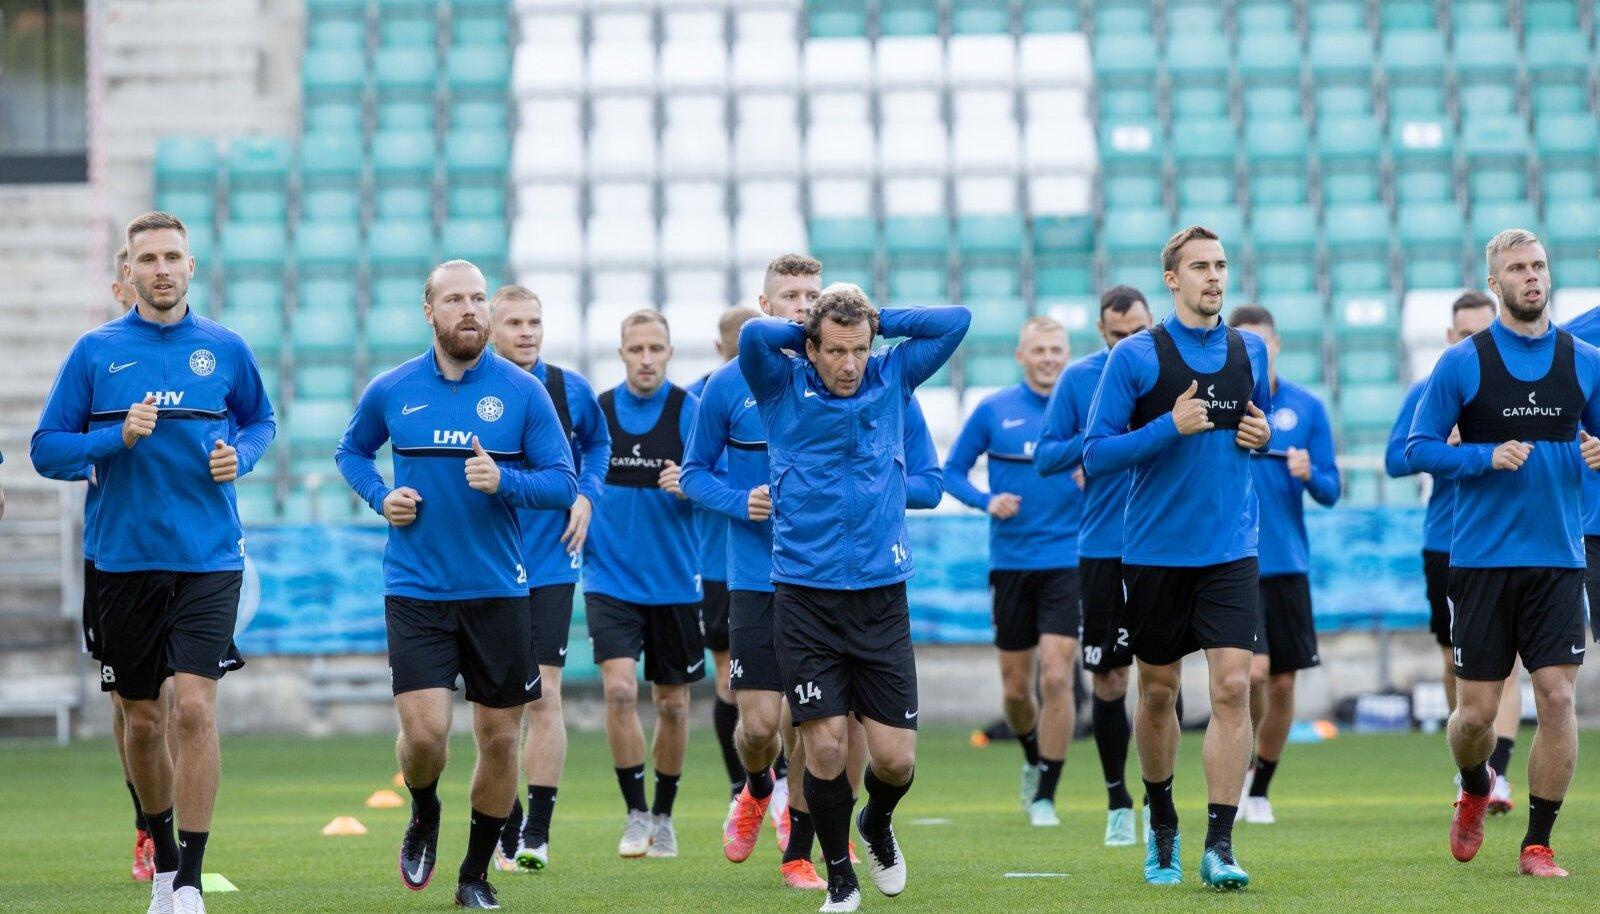 Eesti jalgpallikoondist ootab kohtumine Thomas Häberli ajajärgu seni kõige tugevama vastasega.